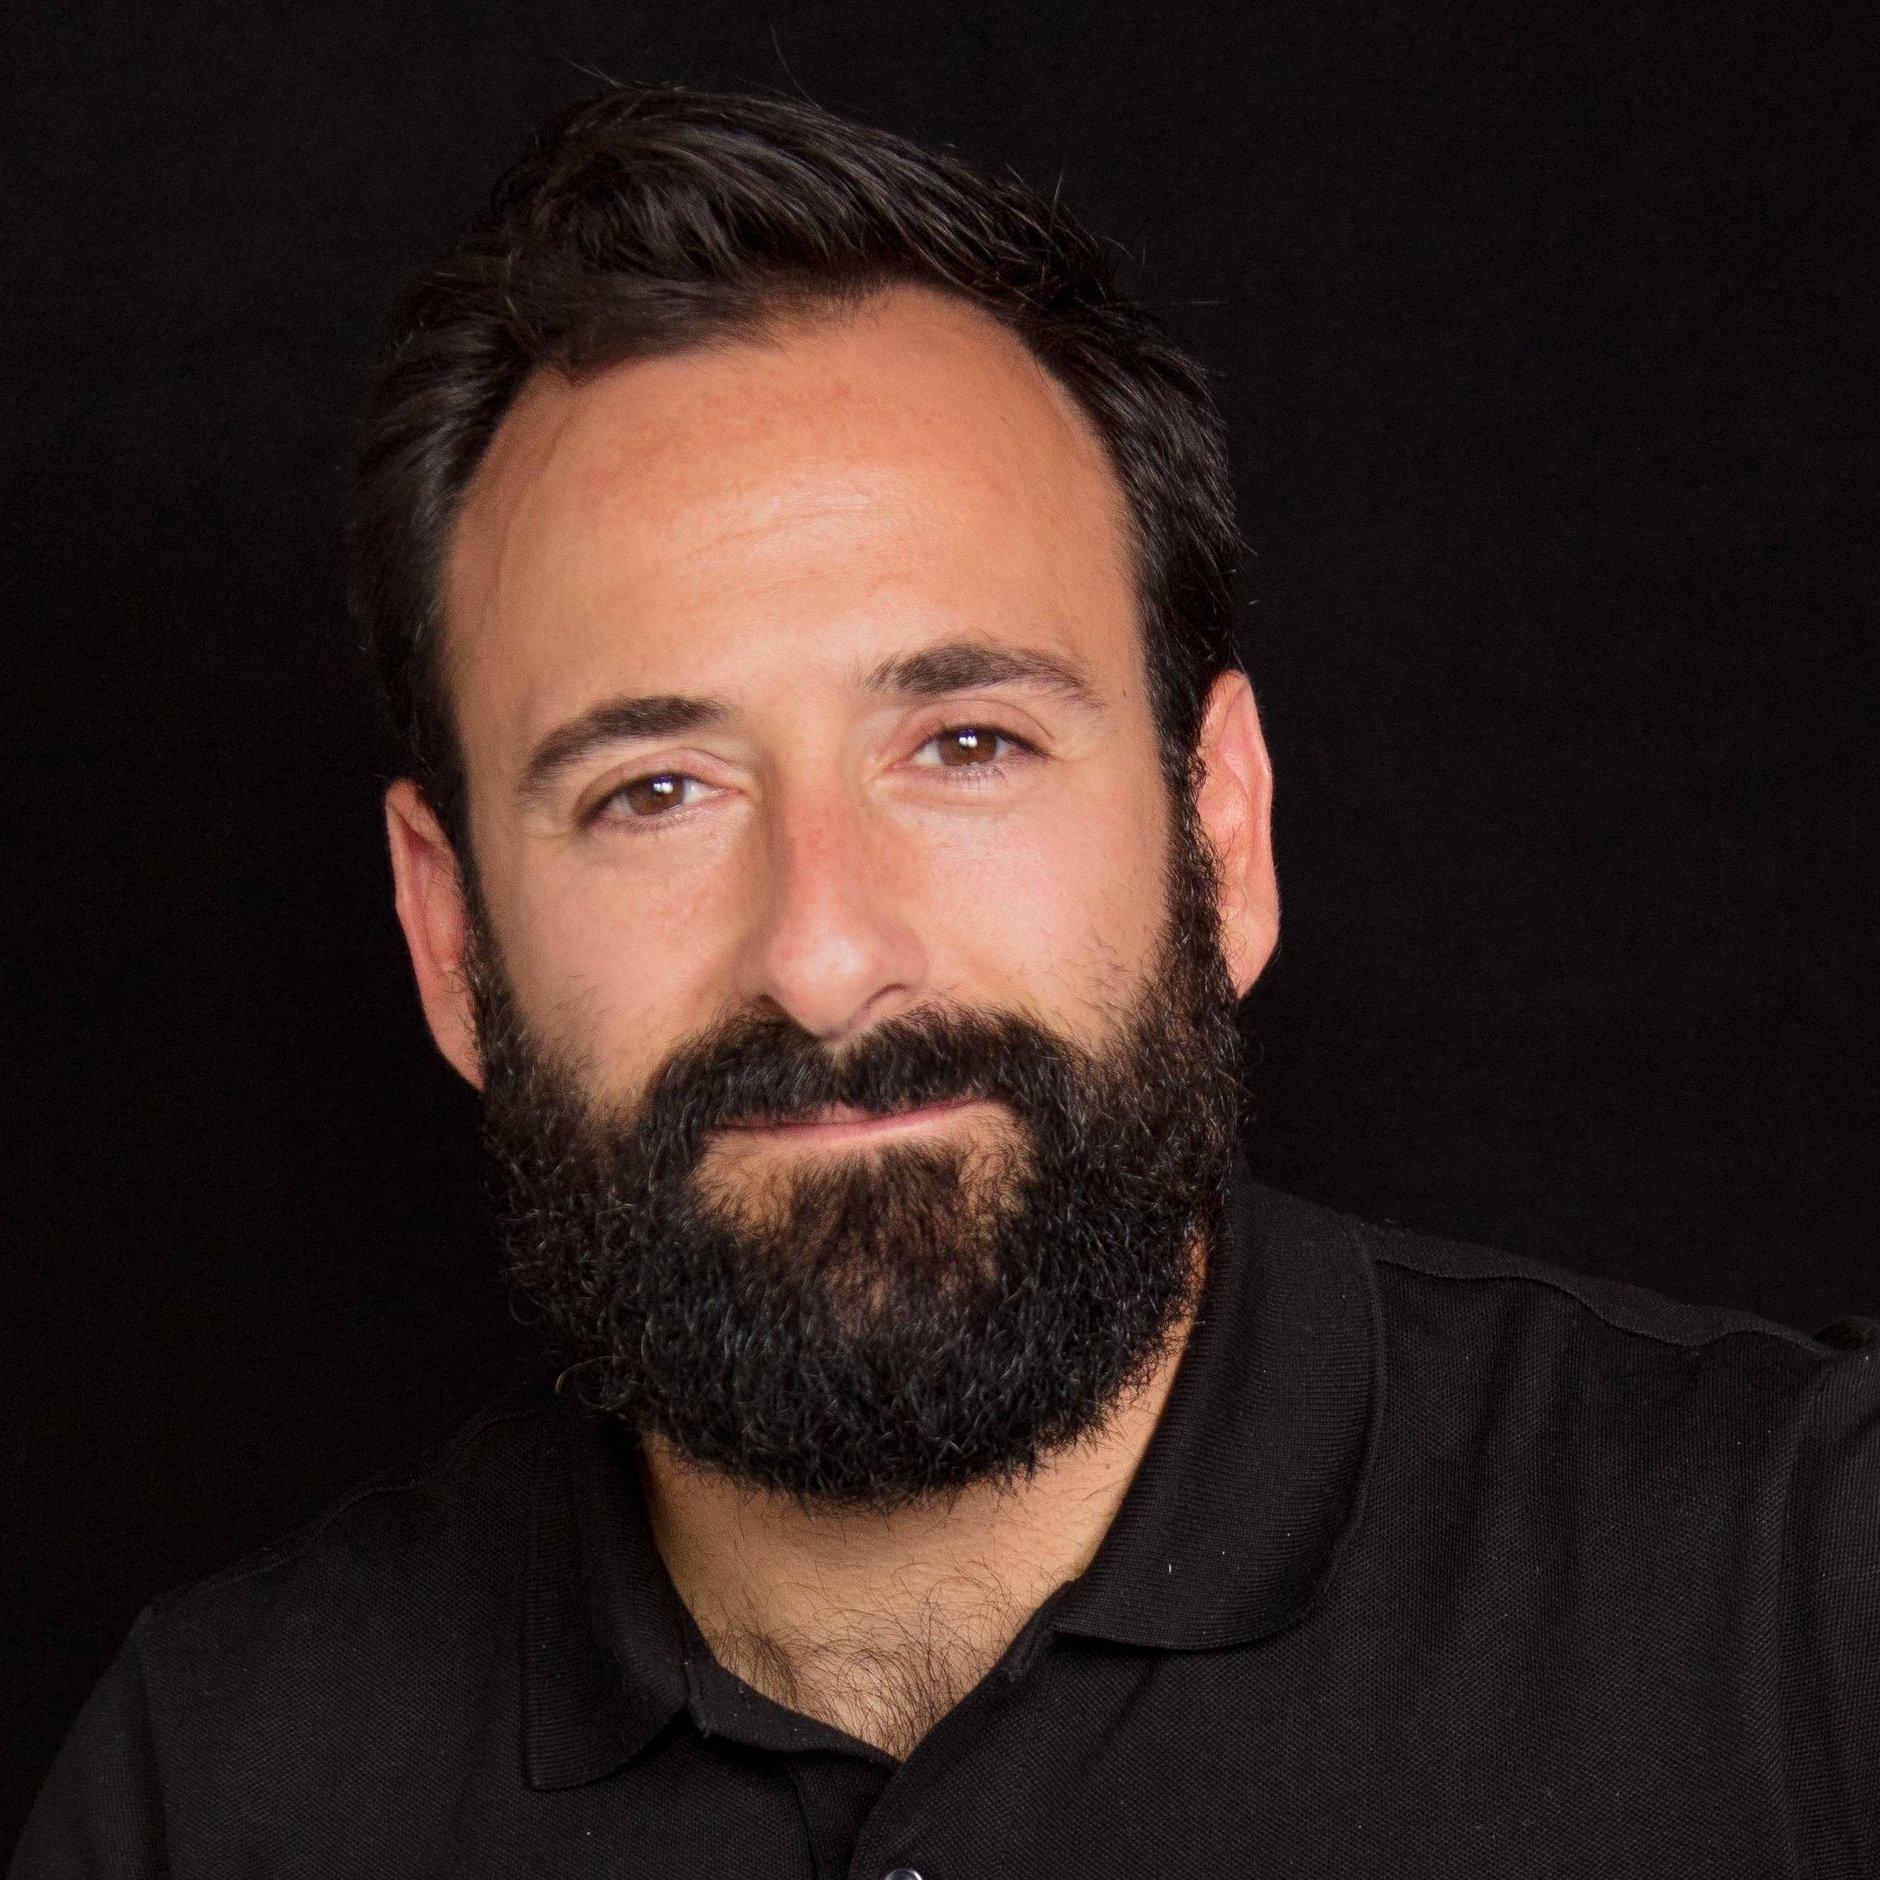 Michael JEREMIASZ